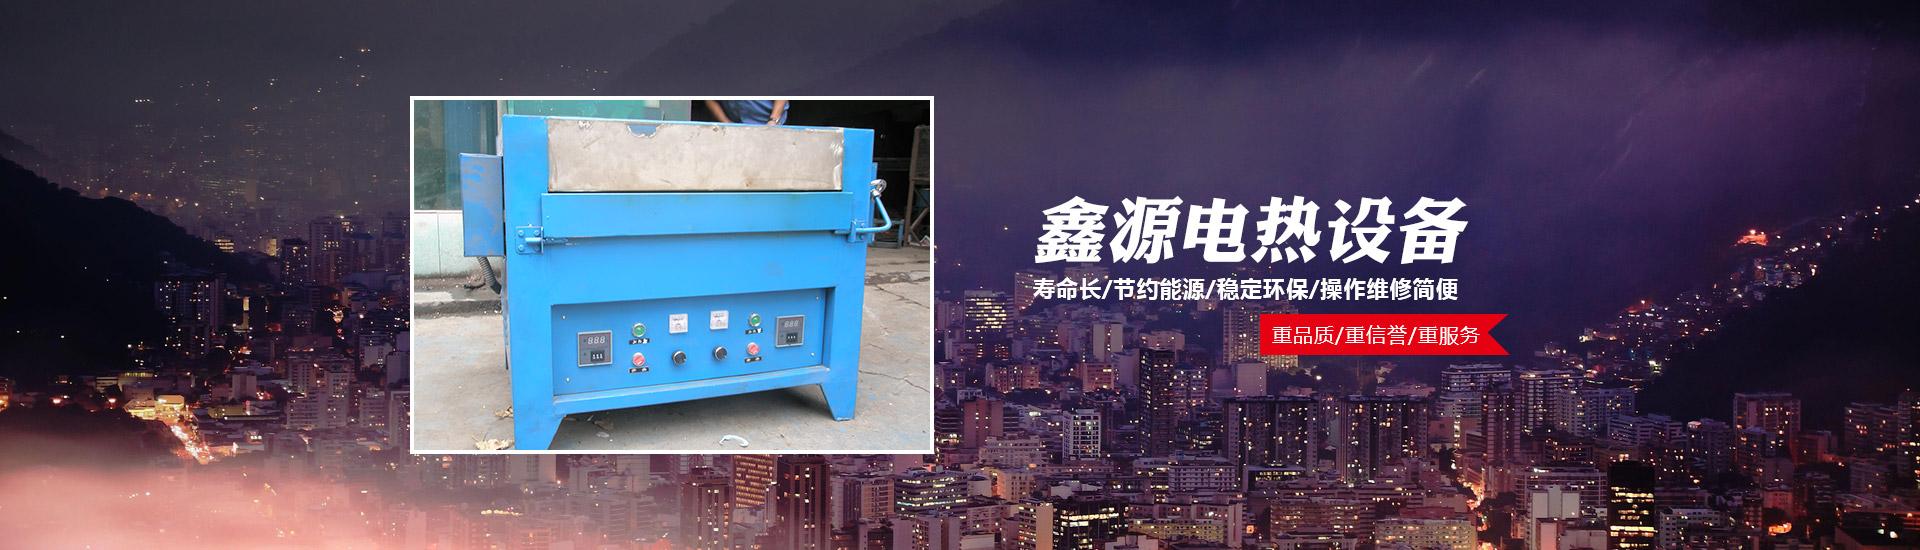 重庆汽车内饰件烘箱